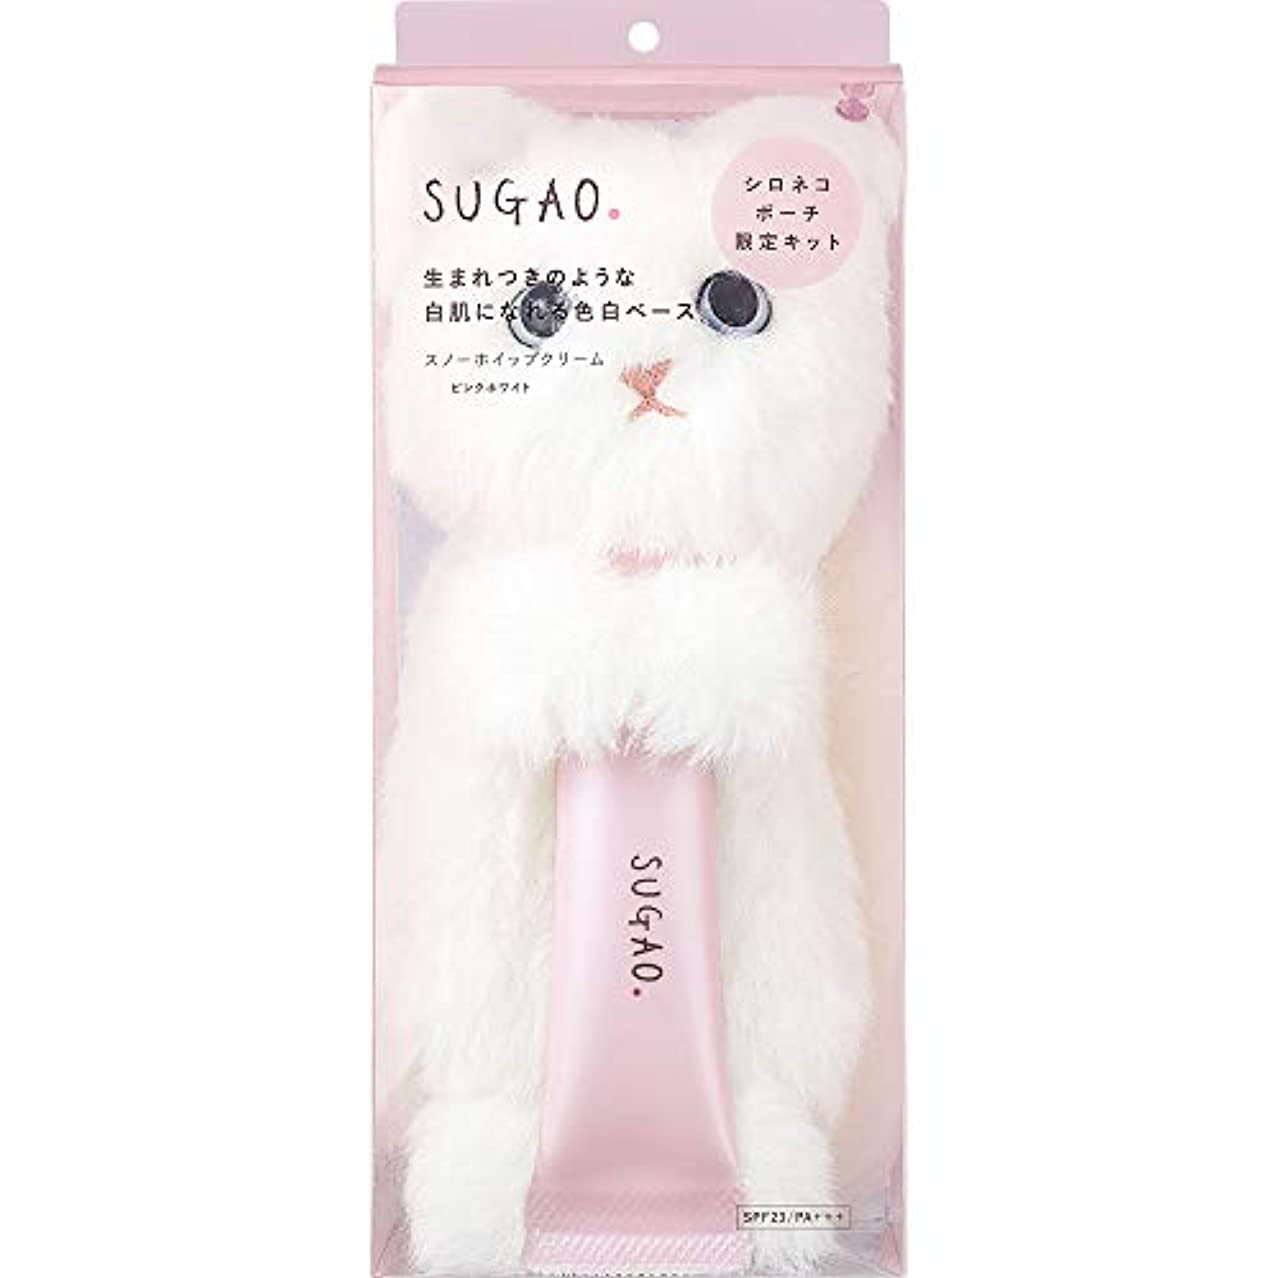 配置成功した始めるスガオ (SUGAO) 化粧下地 スノーホイップクリーム シロネコポーチ付き